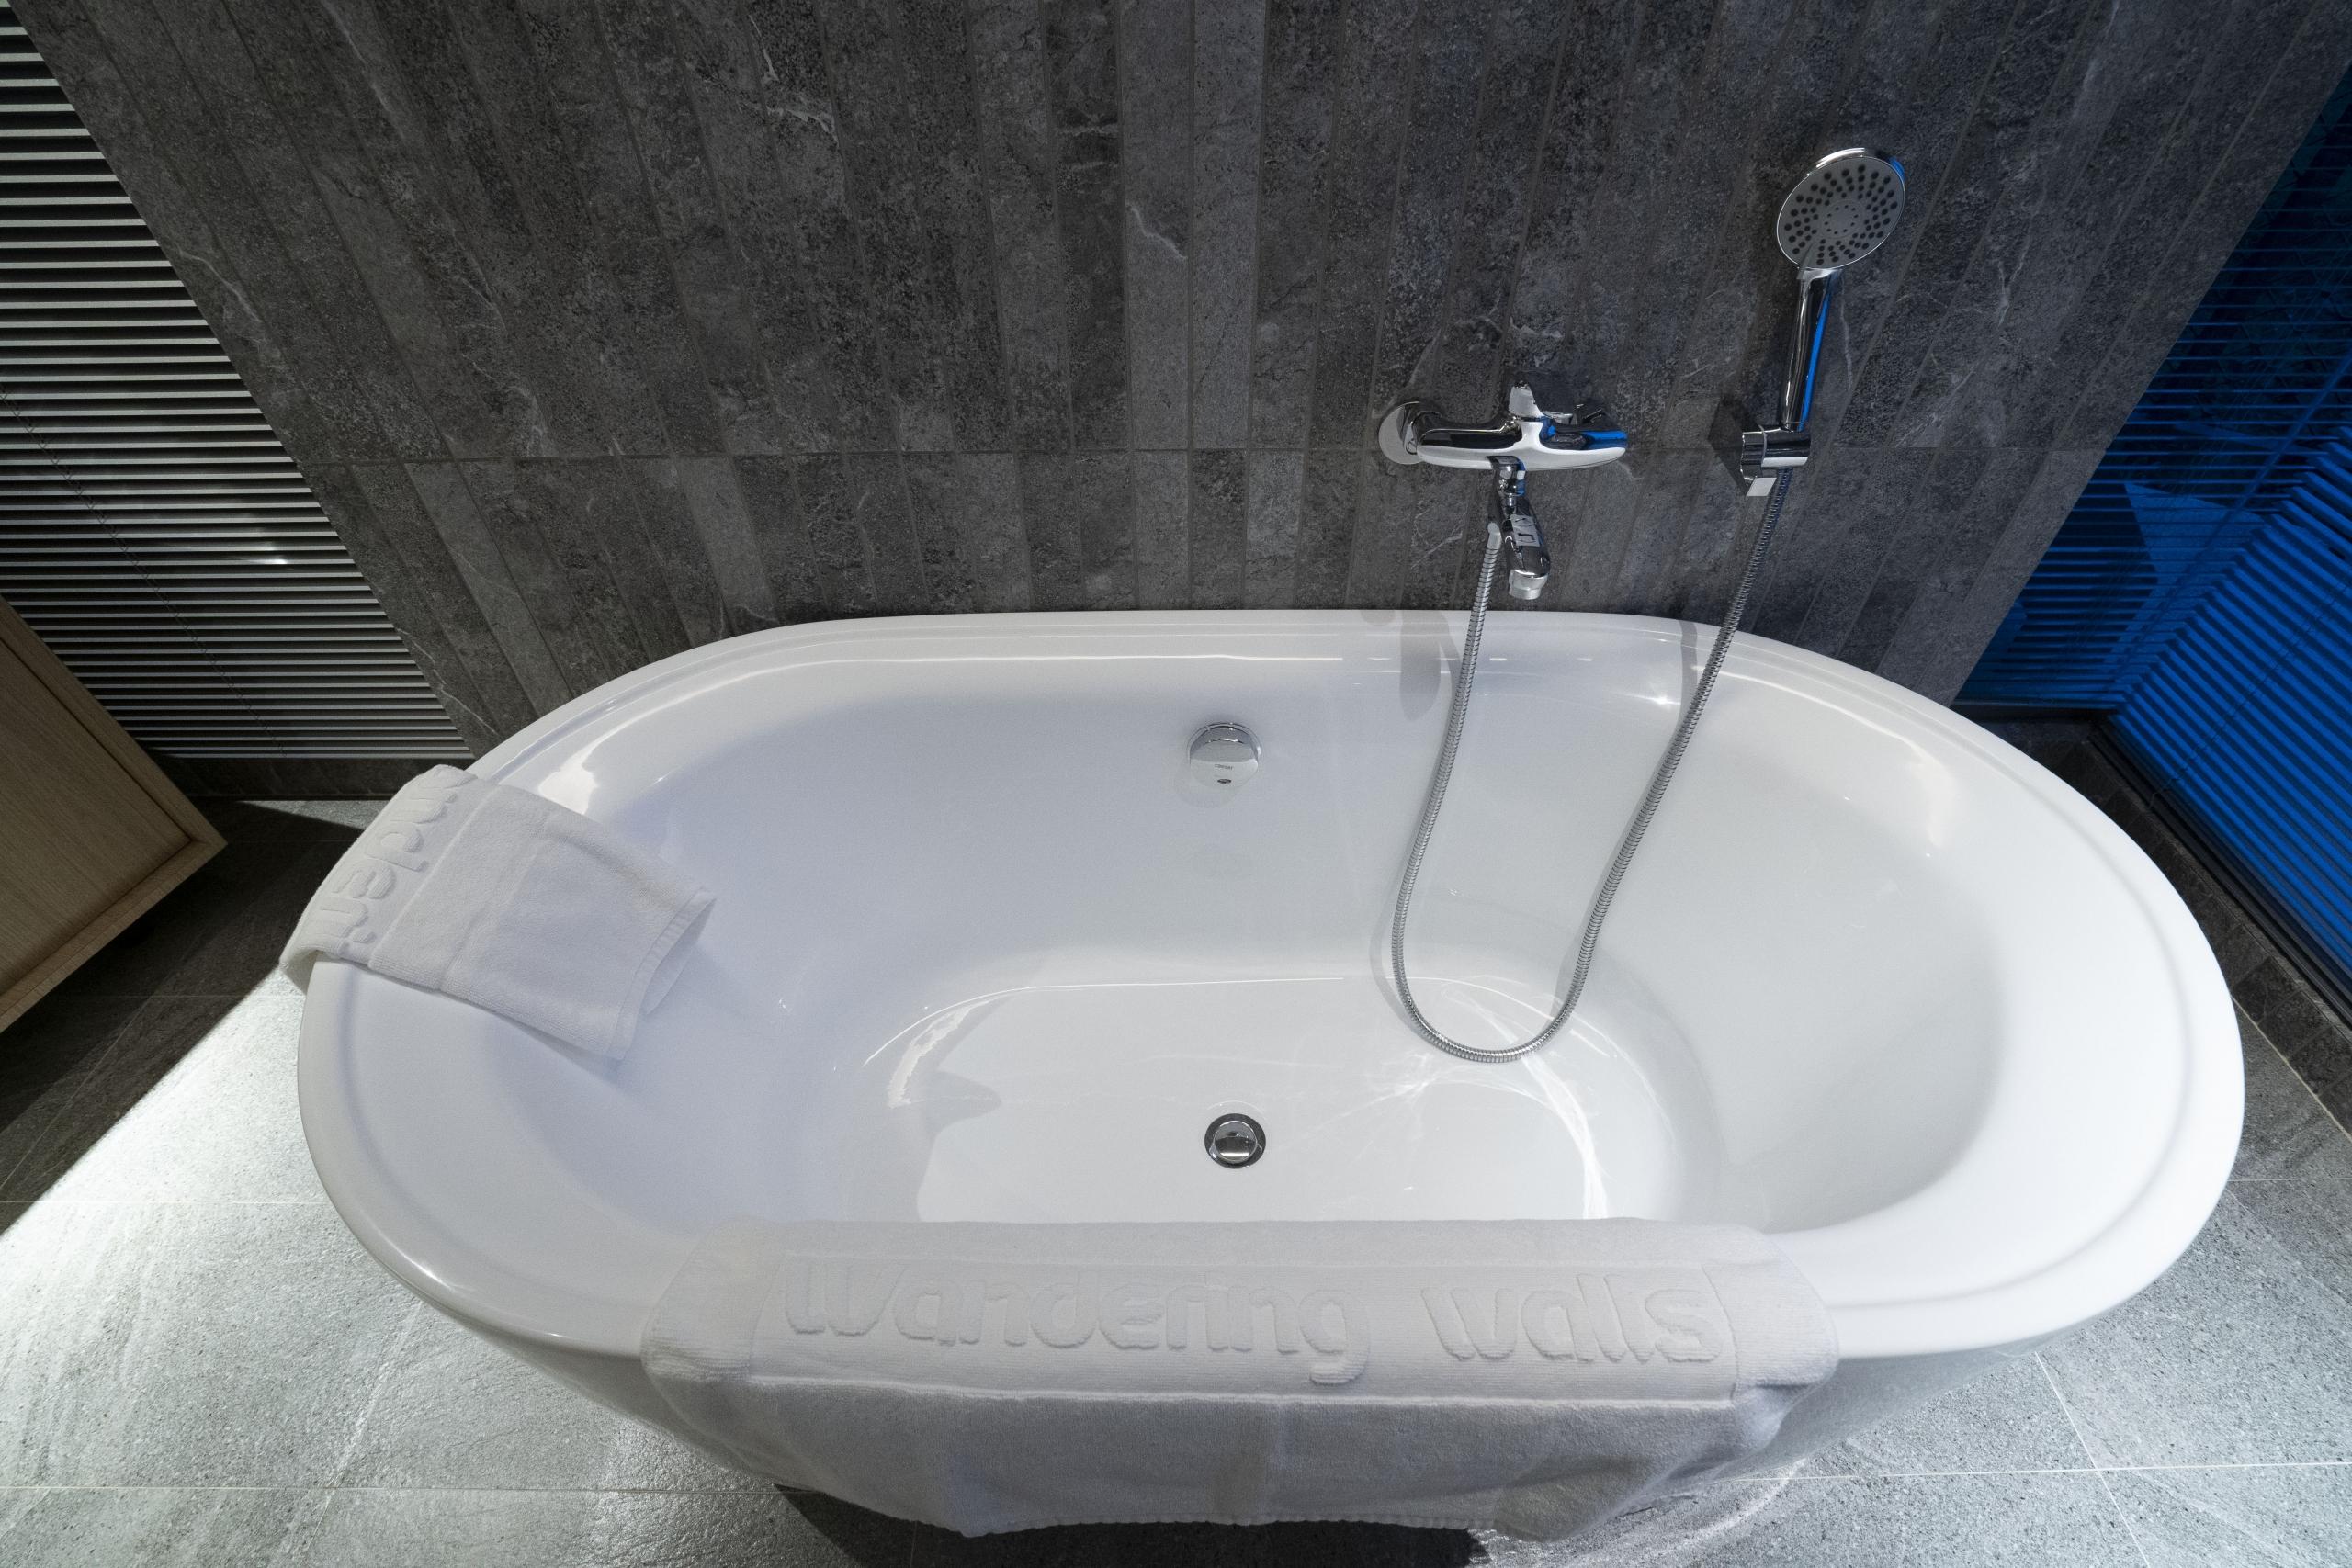 天晴室內泡澡浴缸